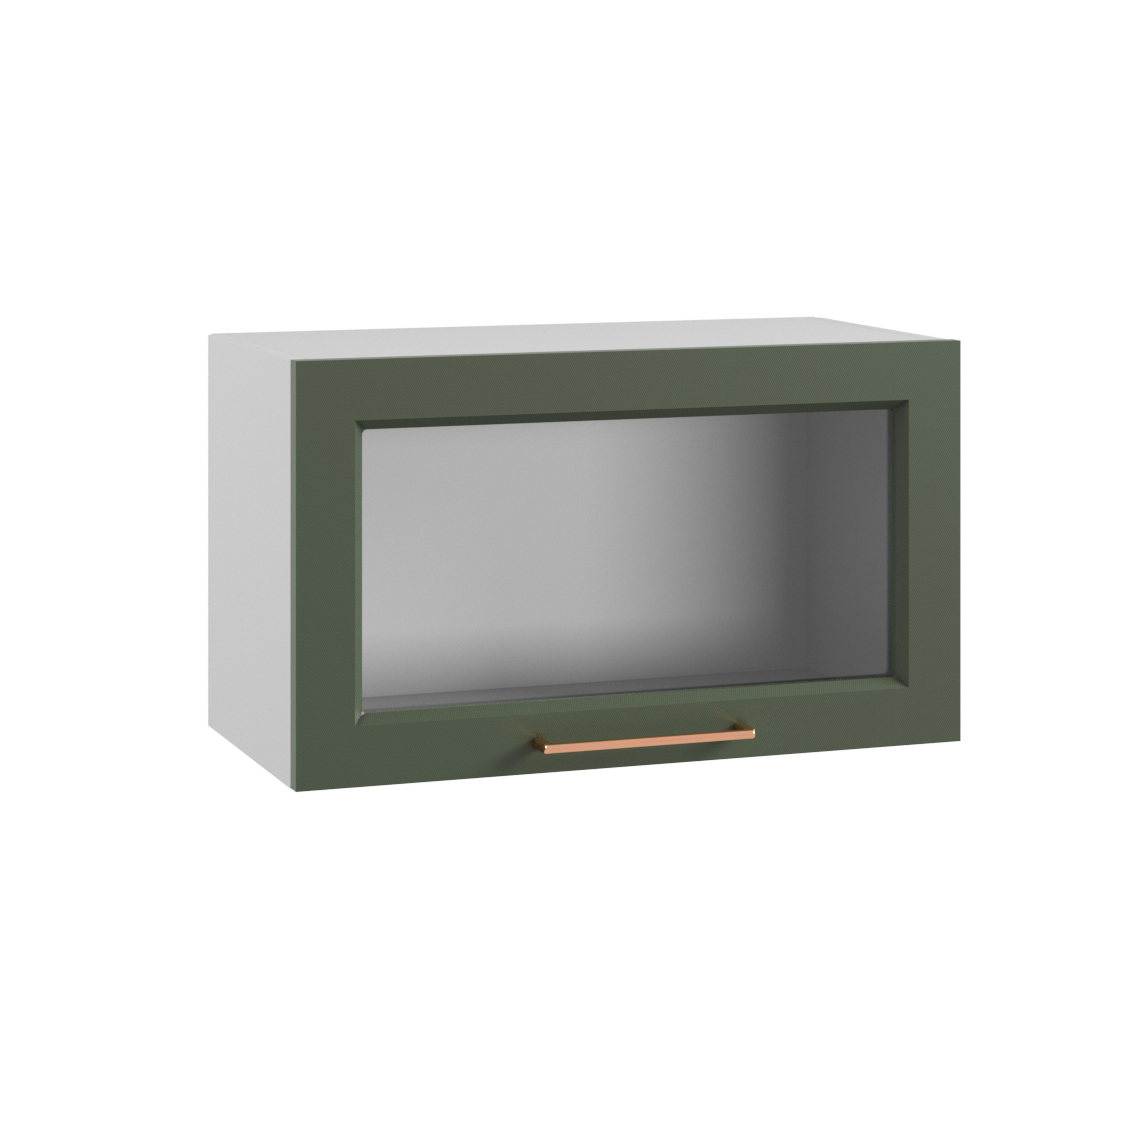 Кухня Квадро ПГС 600 Шкаф верхний горизонтальный стекло